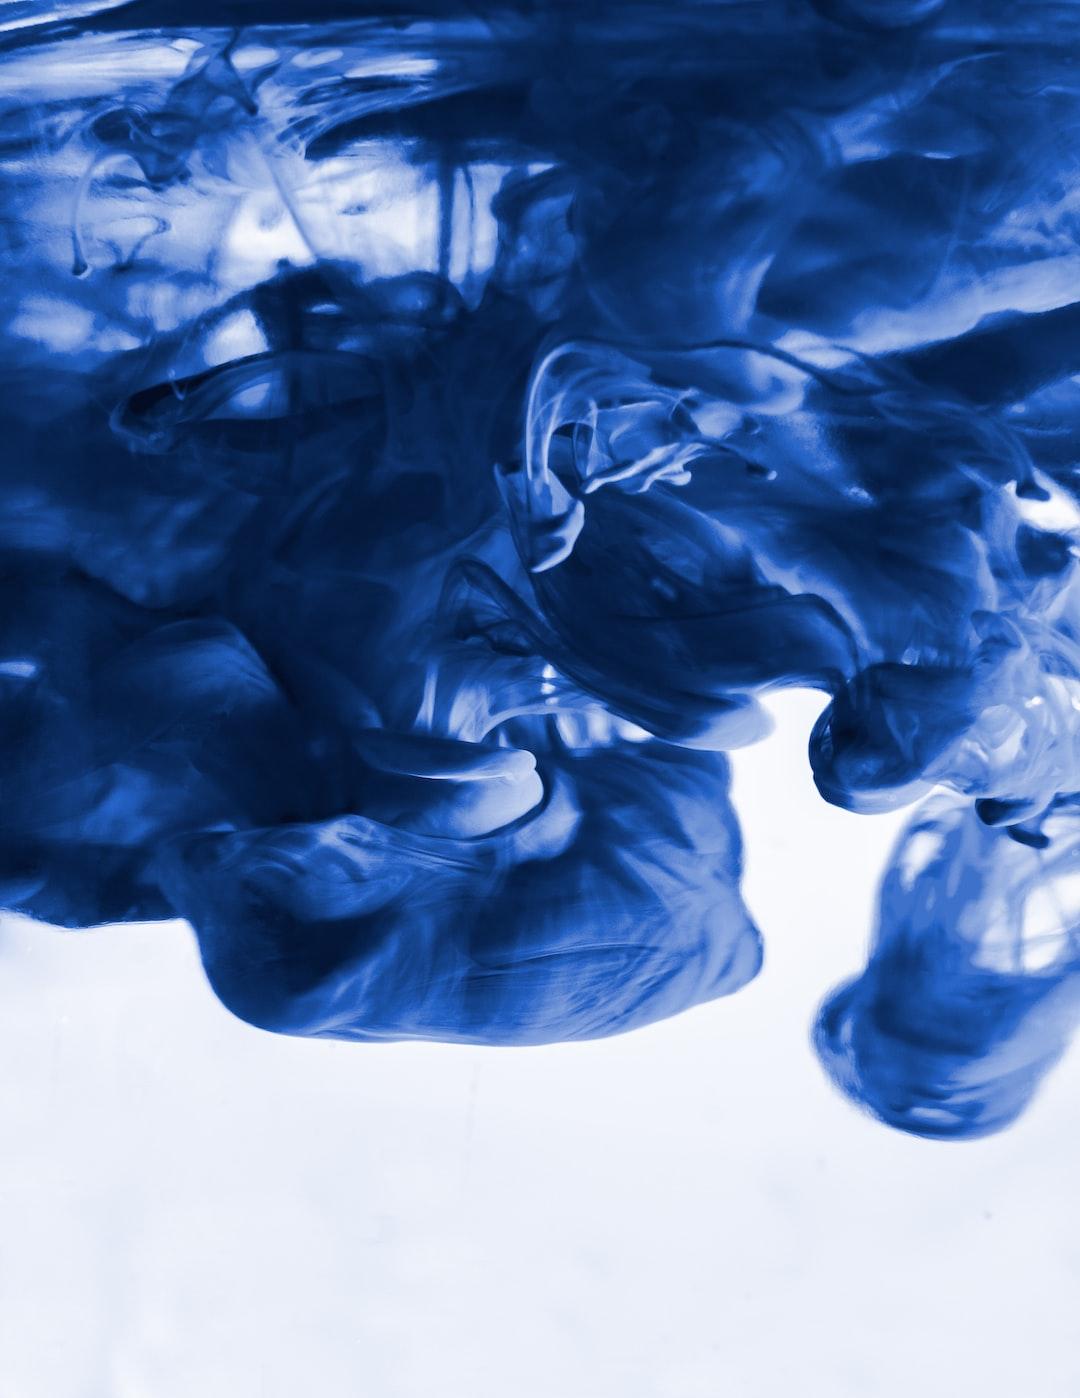 Blue Wallpapers: Free HD Download [500+ HQ] | Unsplash